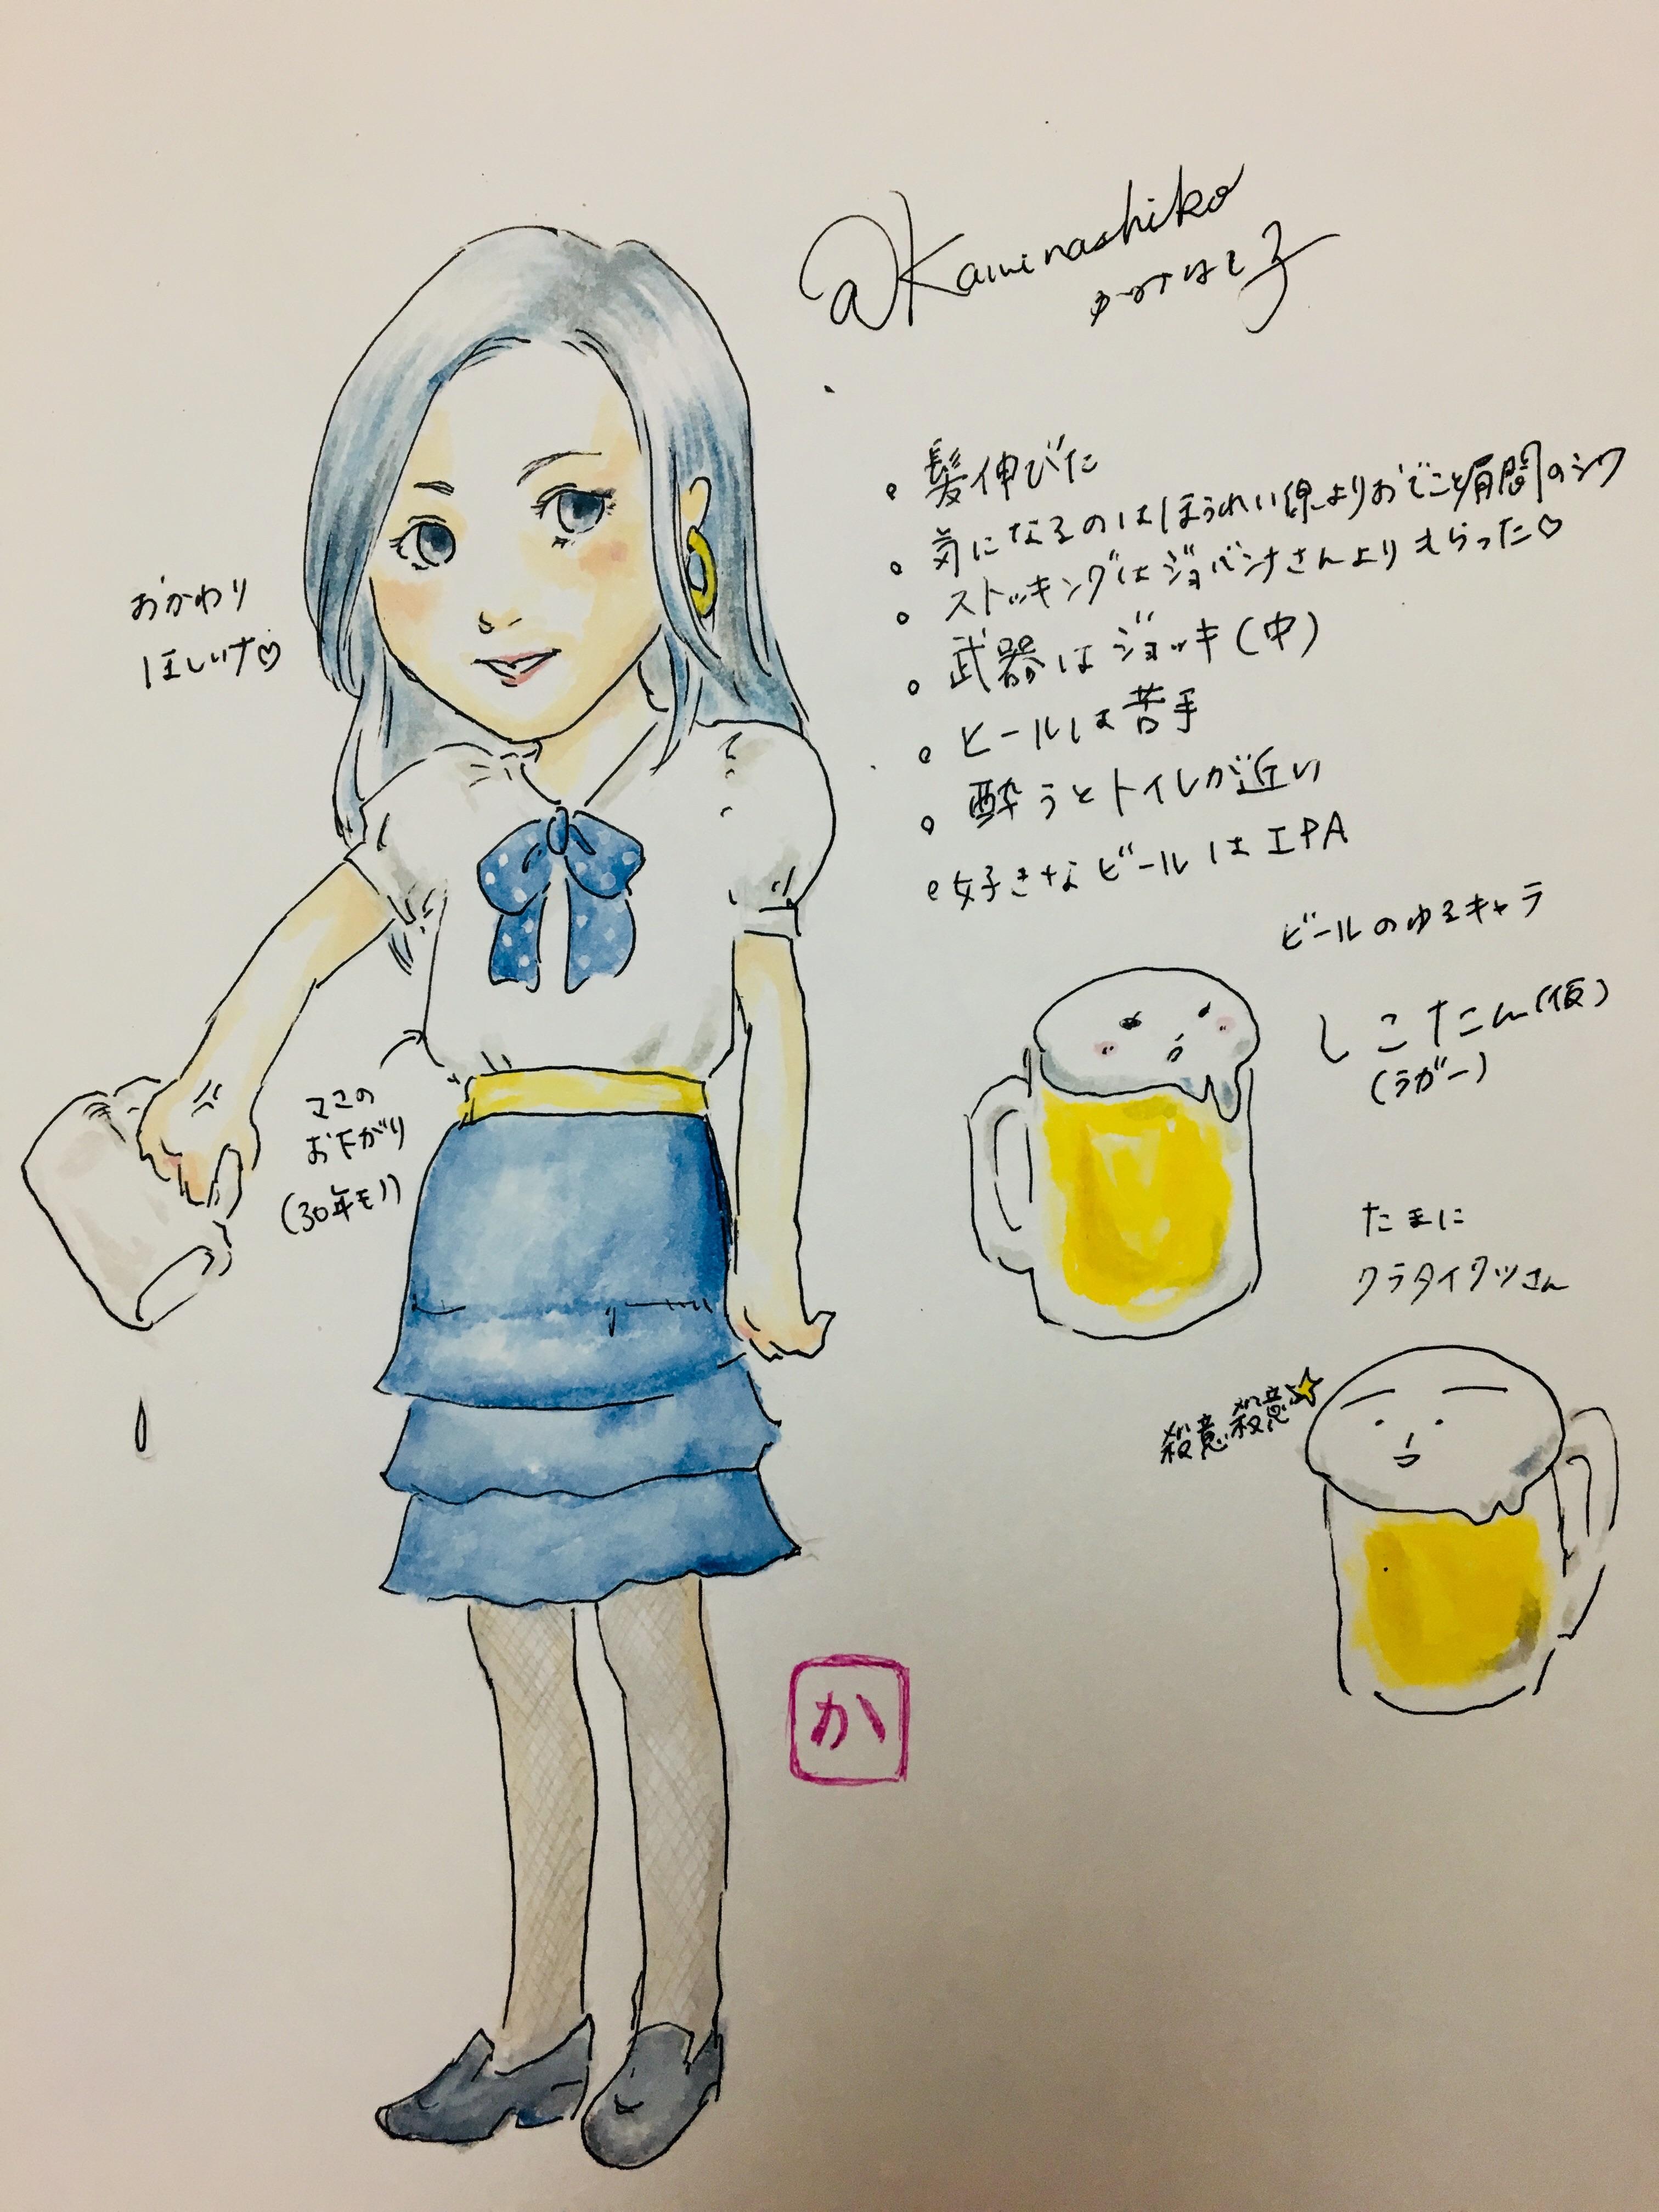 f:id:kaminashiko:20180625002058j:plain